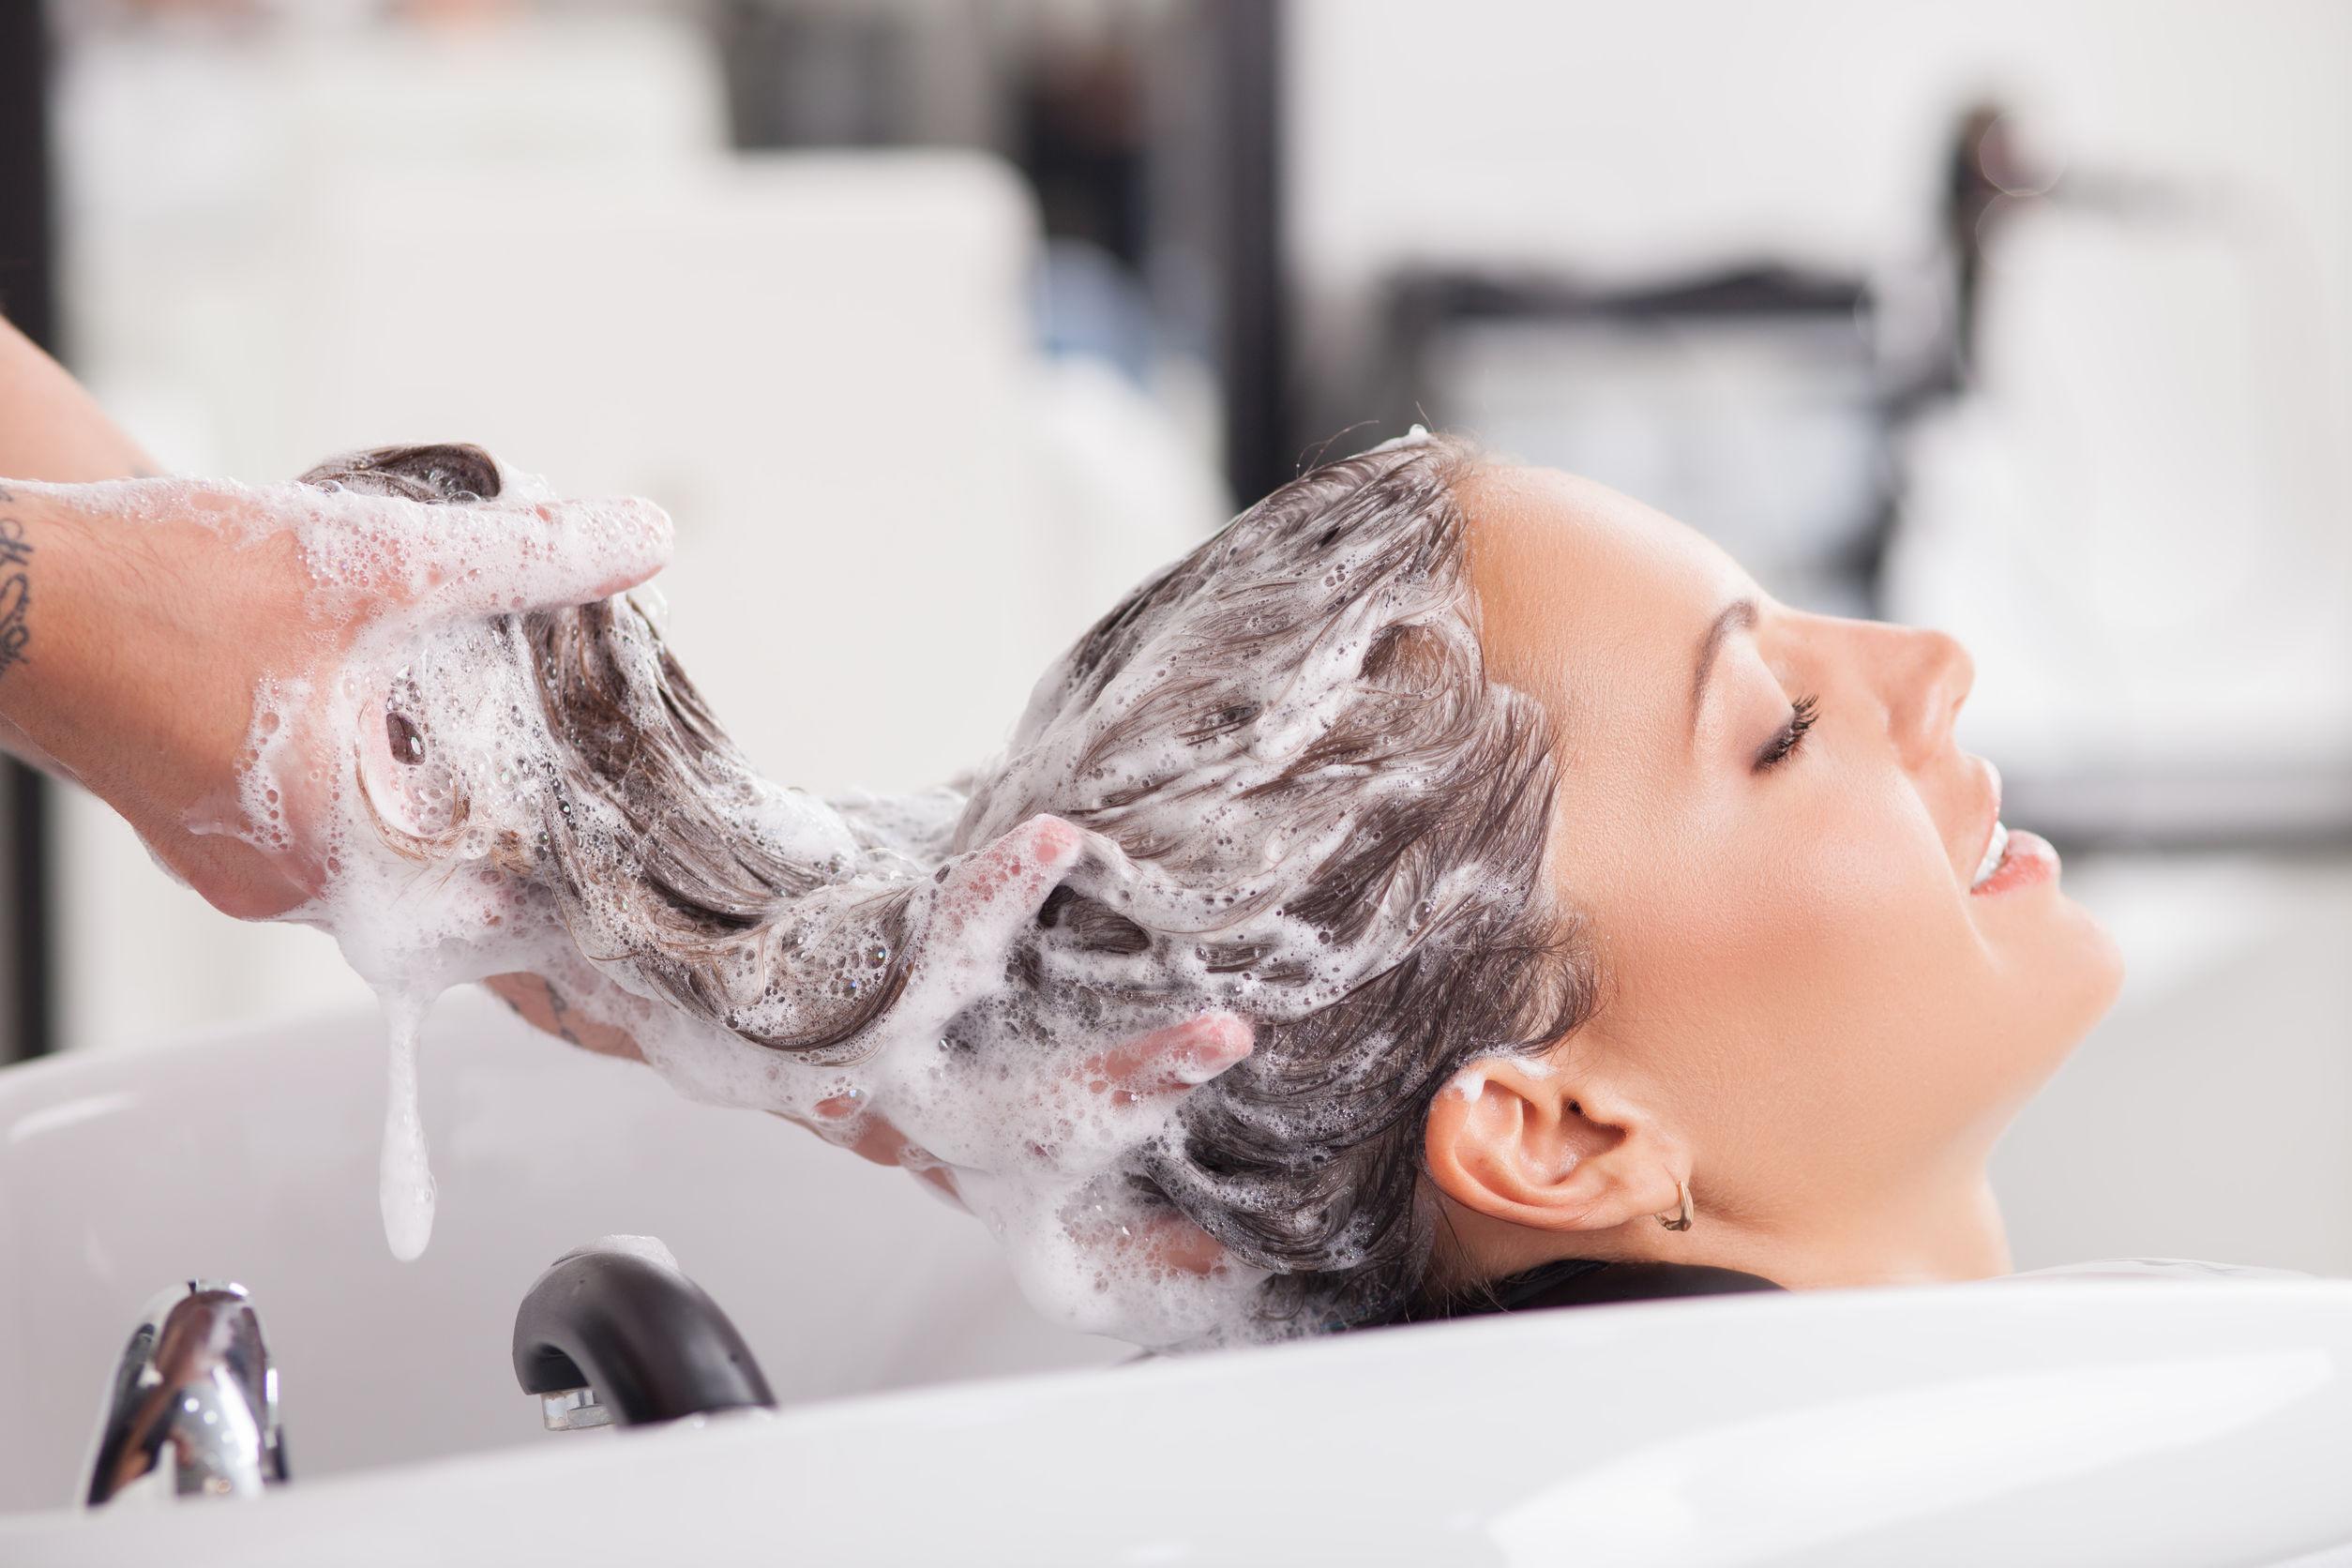 Knoblauch Shampoo: Test & Empfehlungen (07/20)